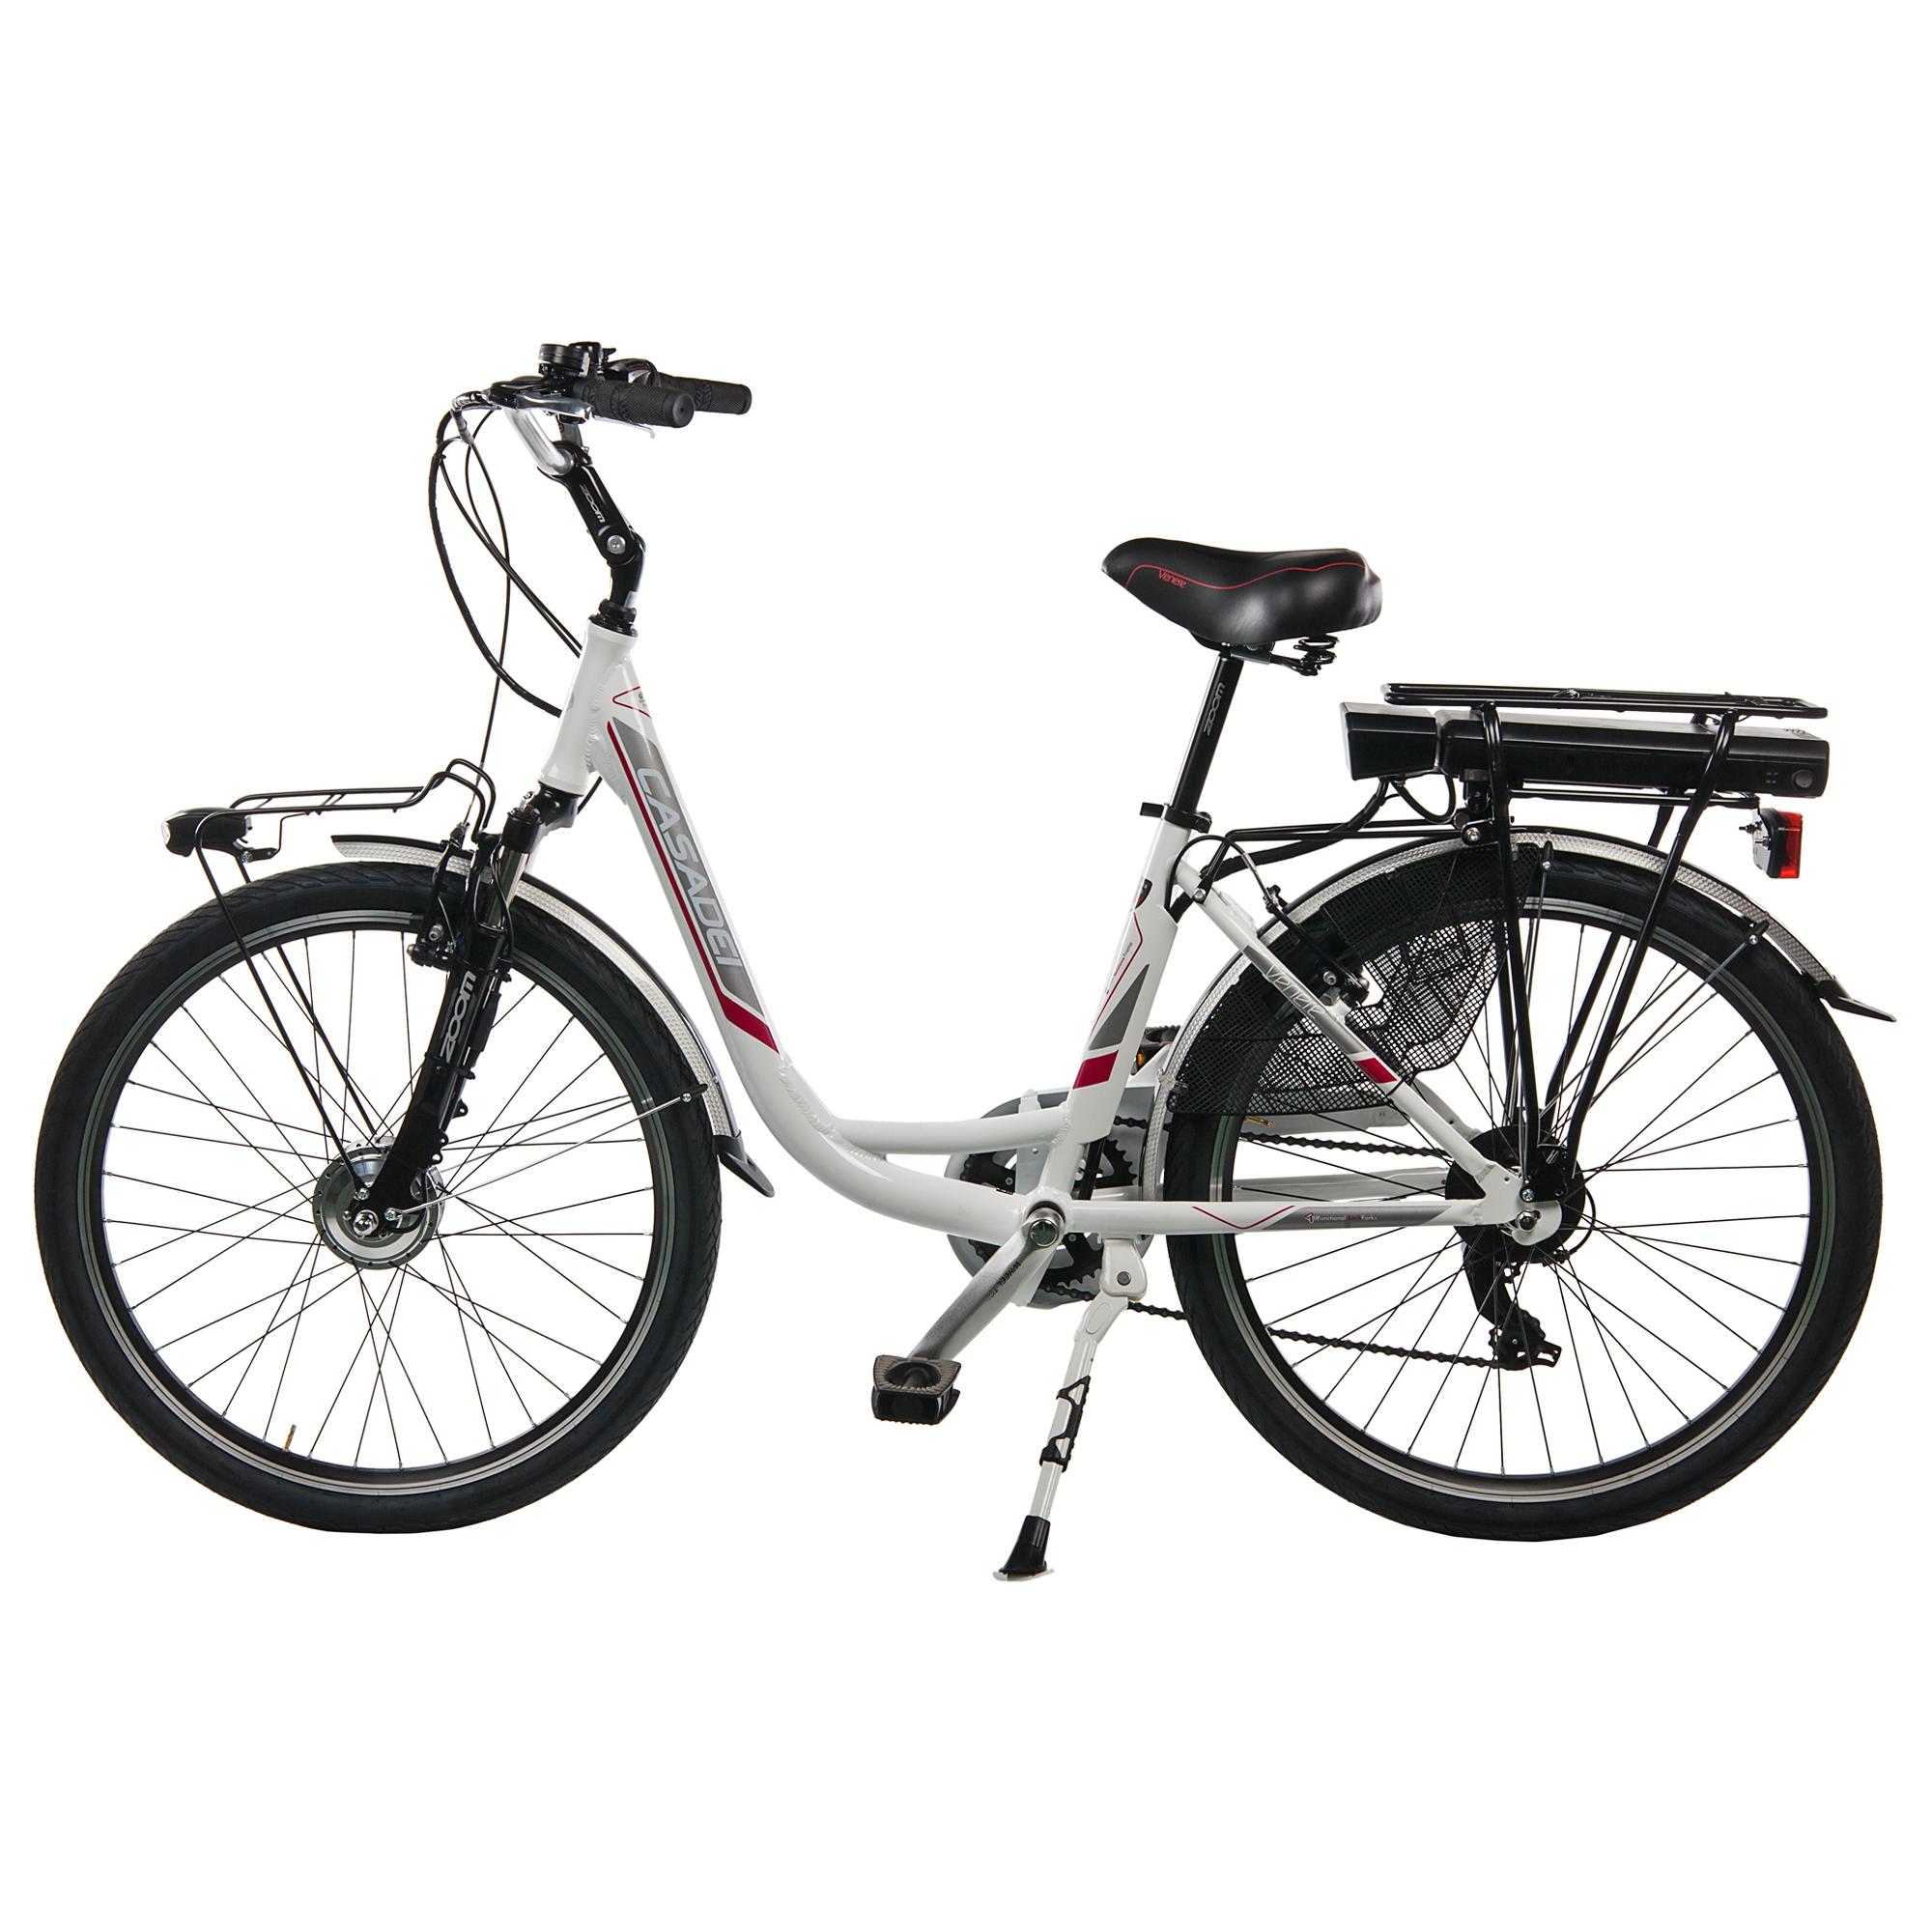 Купить Электровелосипед Casadei ansmann 36v-9ah 26, Германия, алюминий